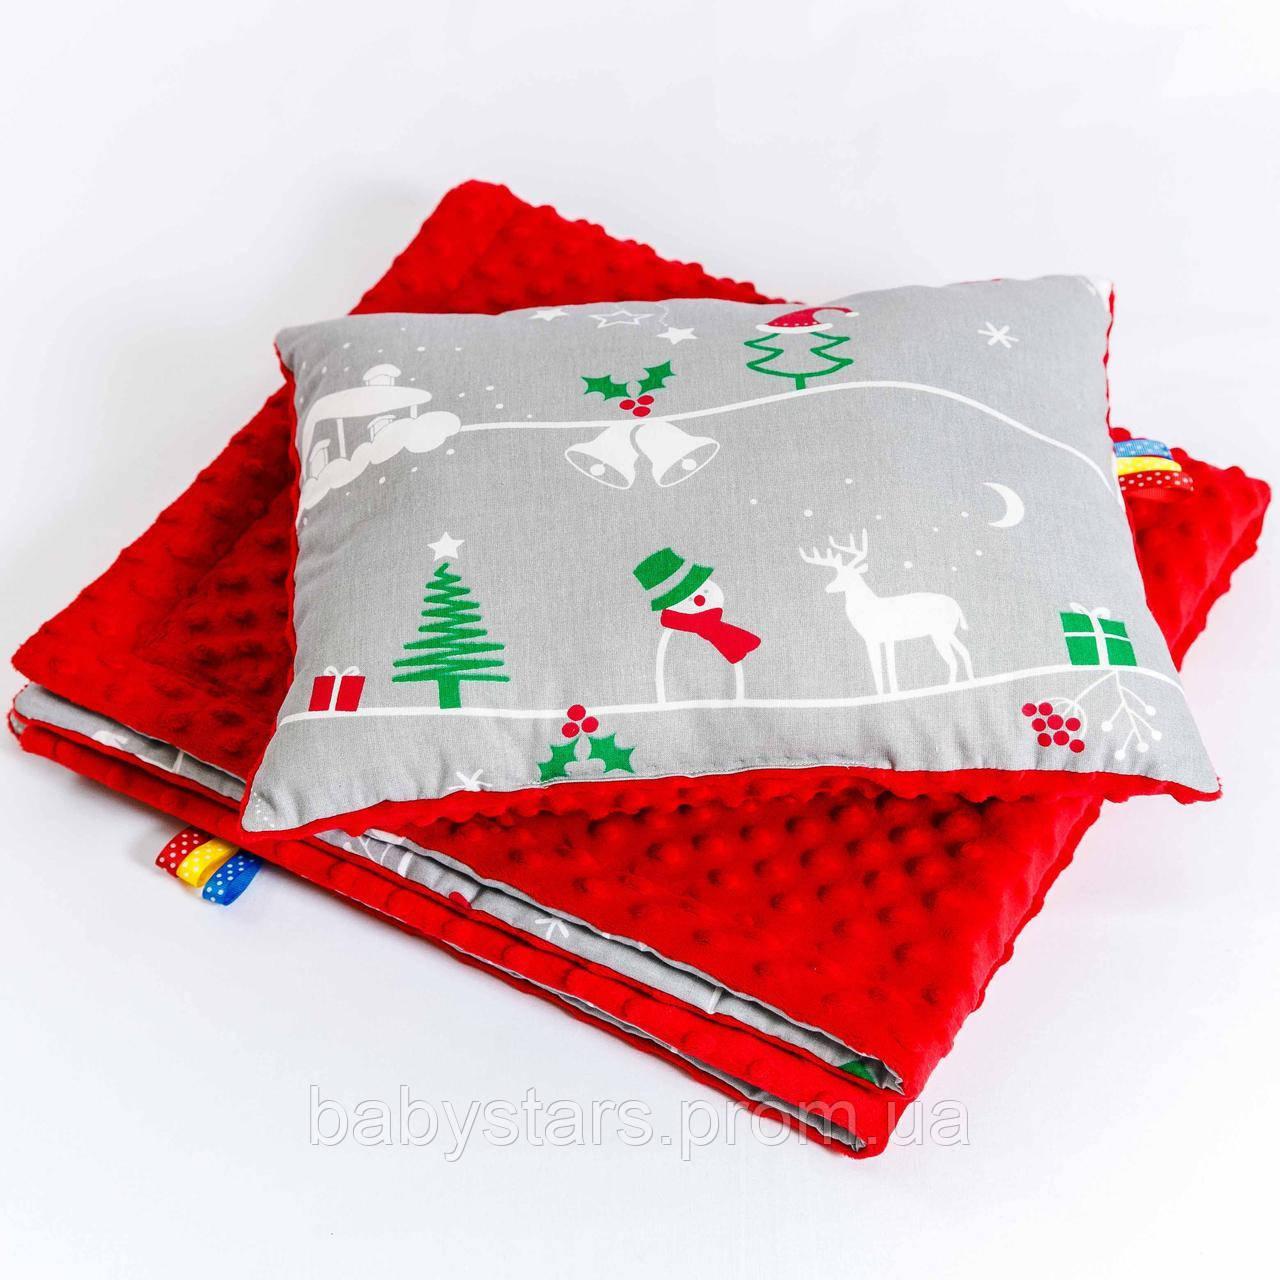 """Комплект детский """"Рождественская сказка"""" одеяло 75 х 85 см подушка 30 х 40 см Серый"""